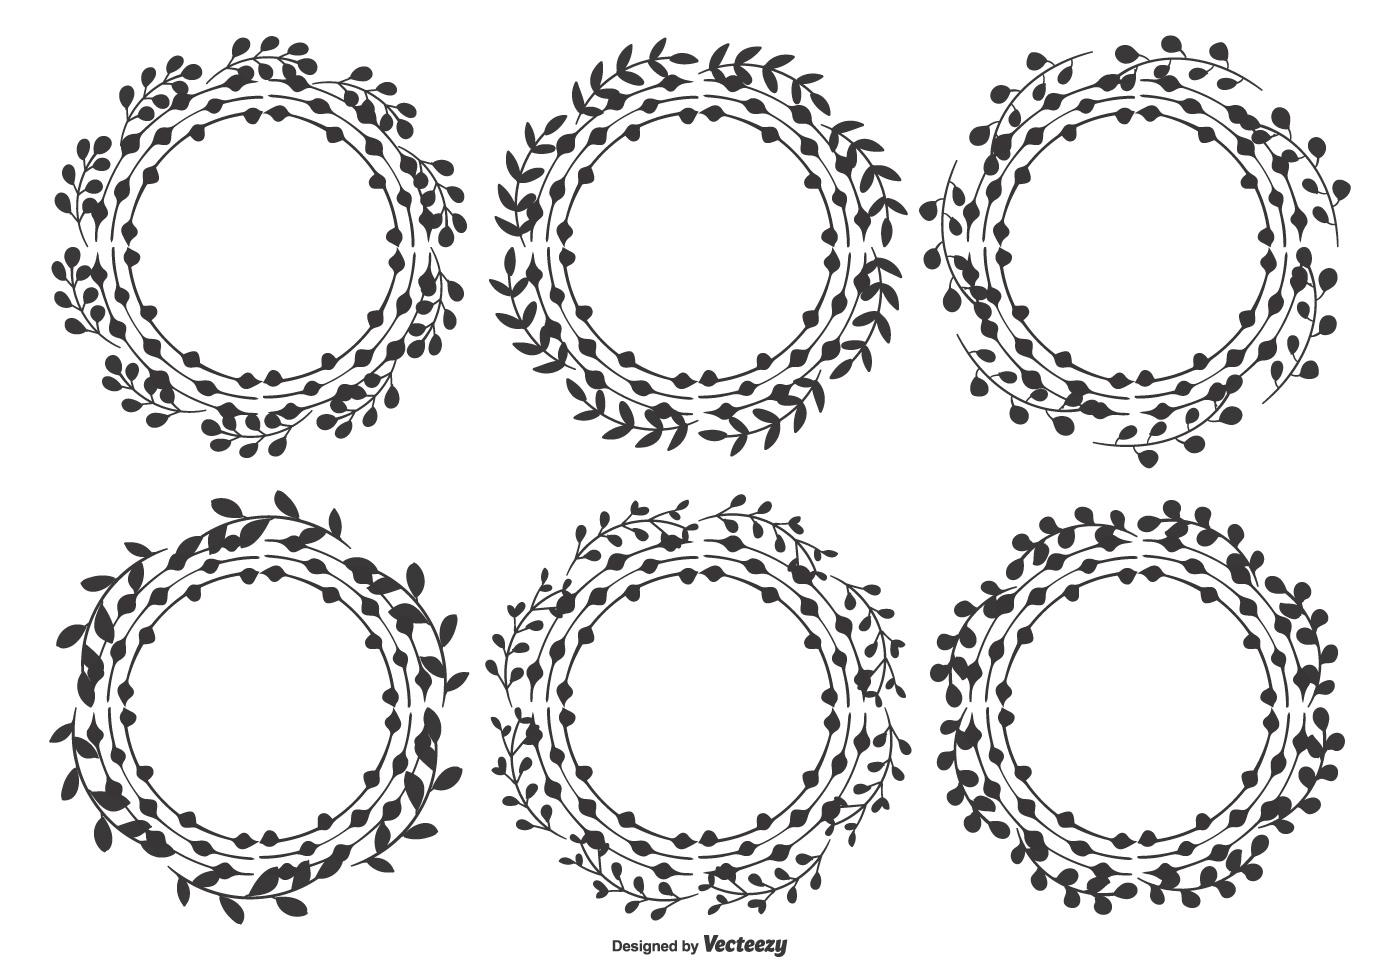 Nette Hand gezeichnete Blatt-Rahmen - Kostenlose Vektor-Kunst ...